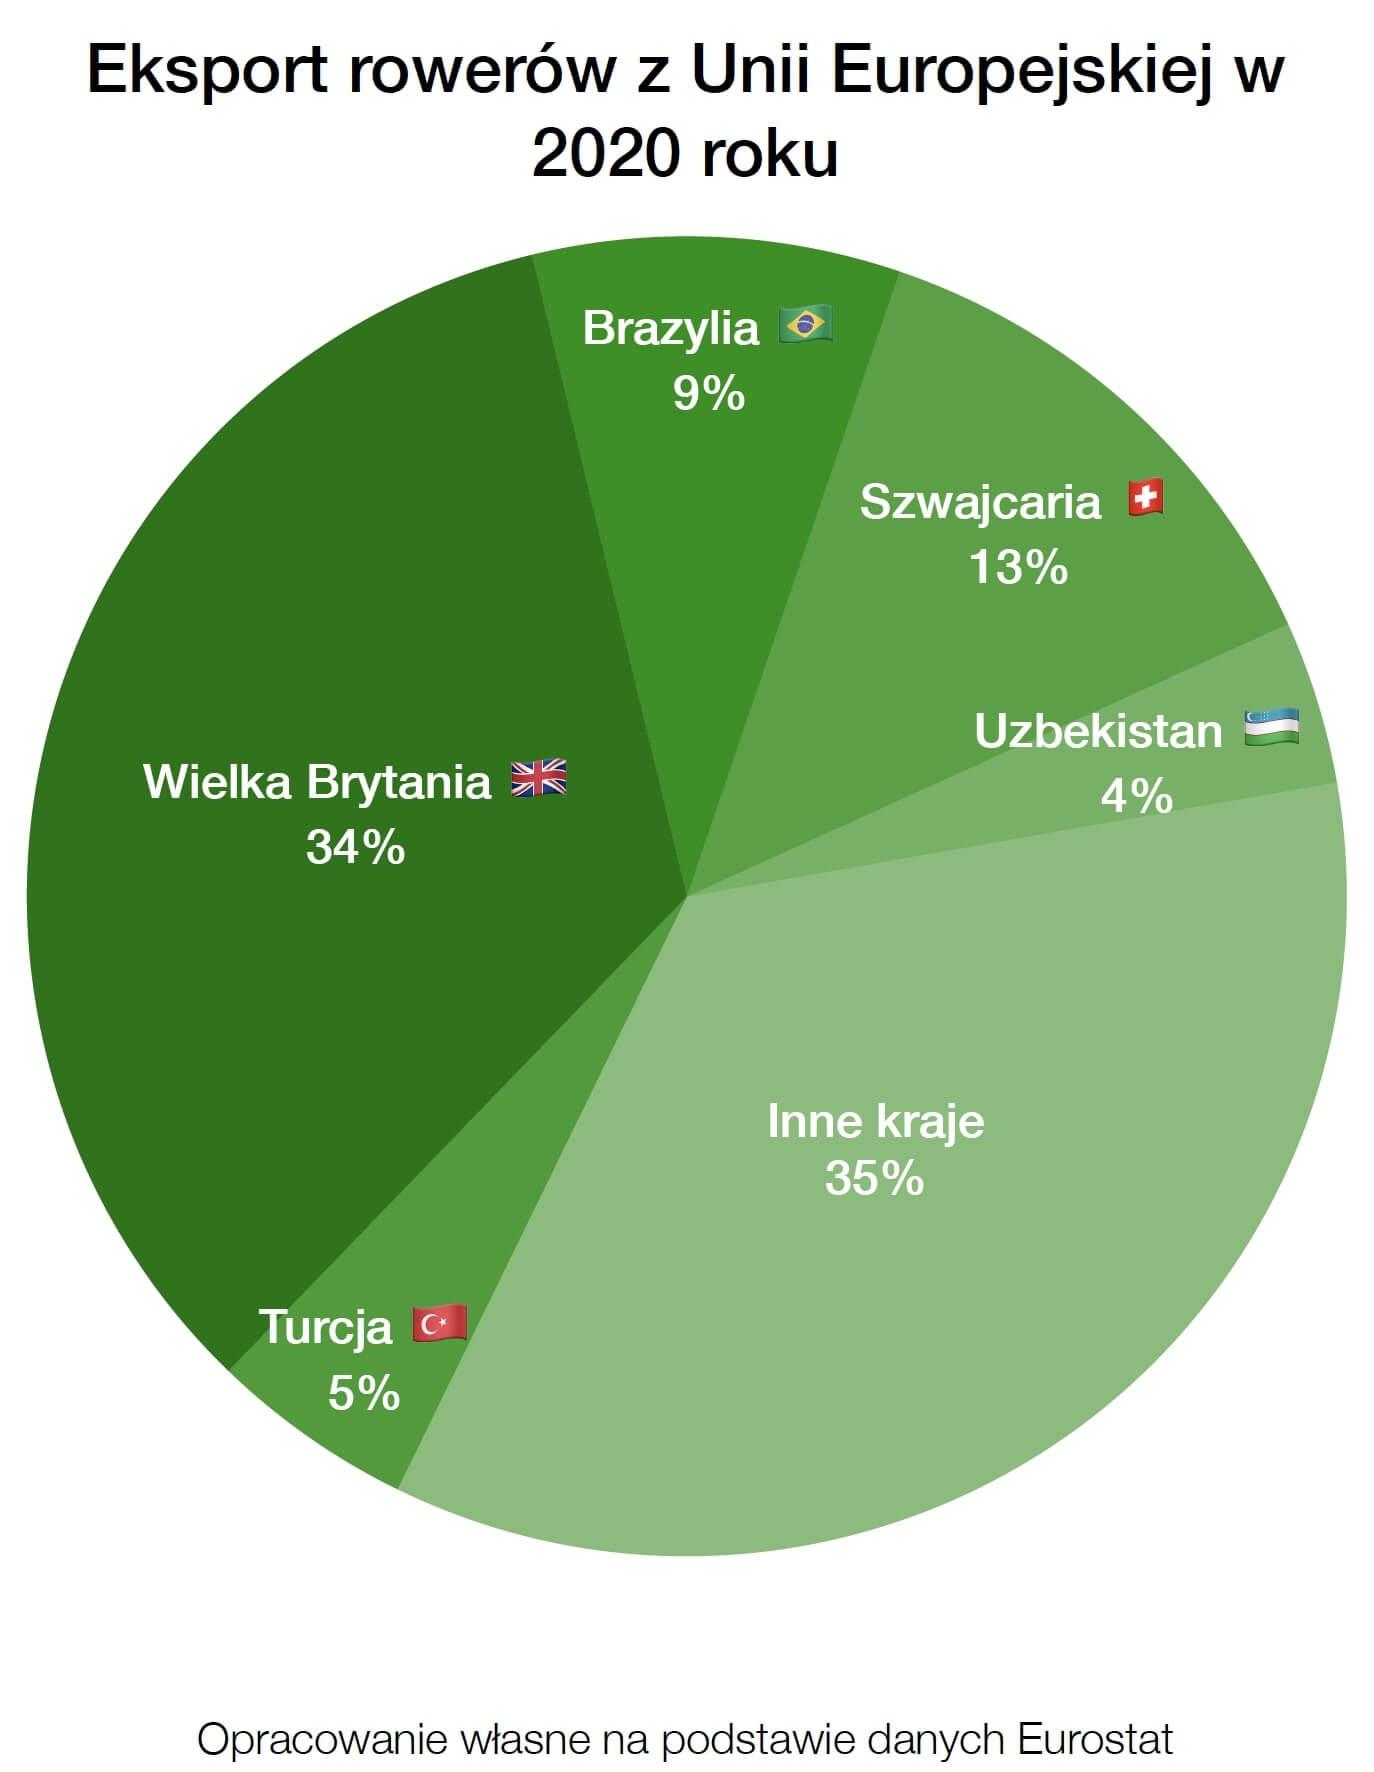 Rynek Rowerów Elektrycznych i tradycyjnych w Unii Europejskiej 2020 - dane ilościowe dotyczące eksportu